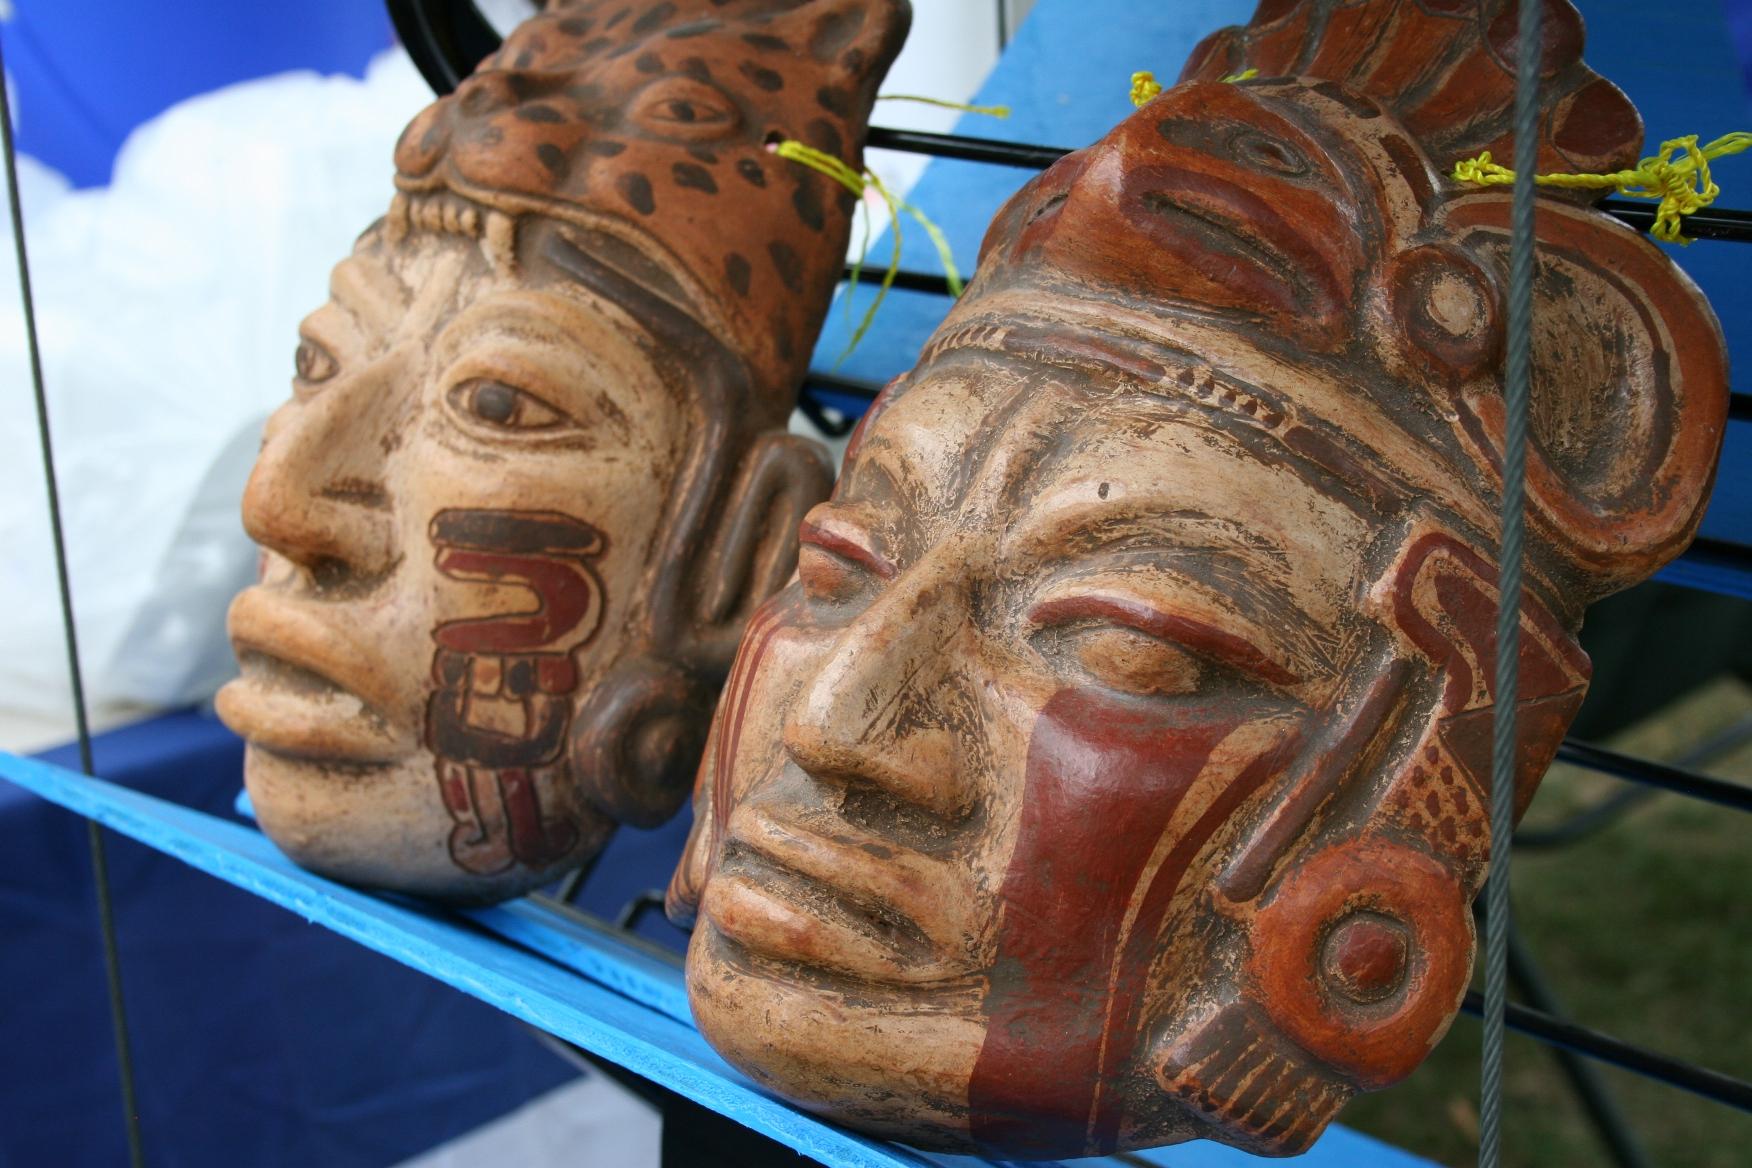 el salvadorean culture (formerly known as tim's el salvador blog) news, history, culture and analysis of el salvador and the salvadoran people.